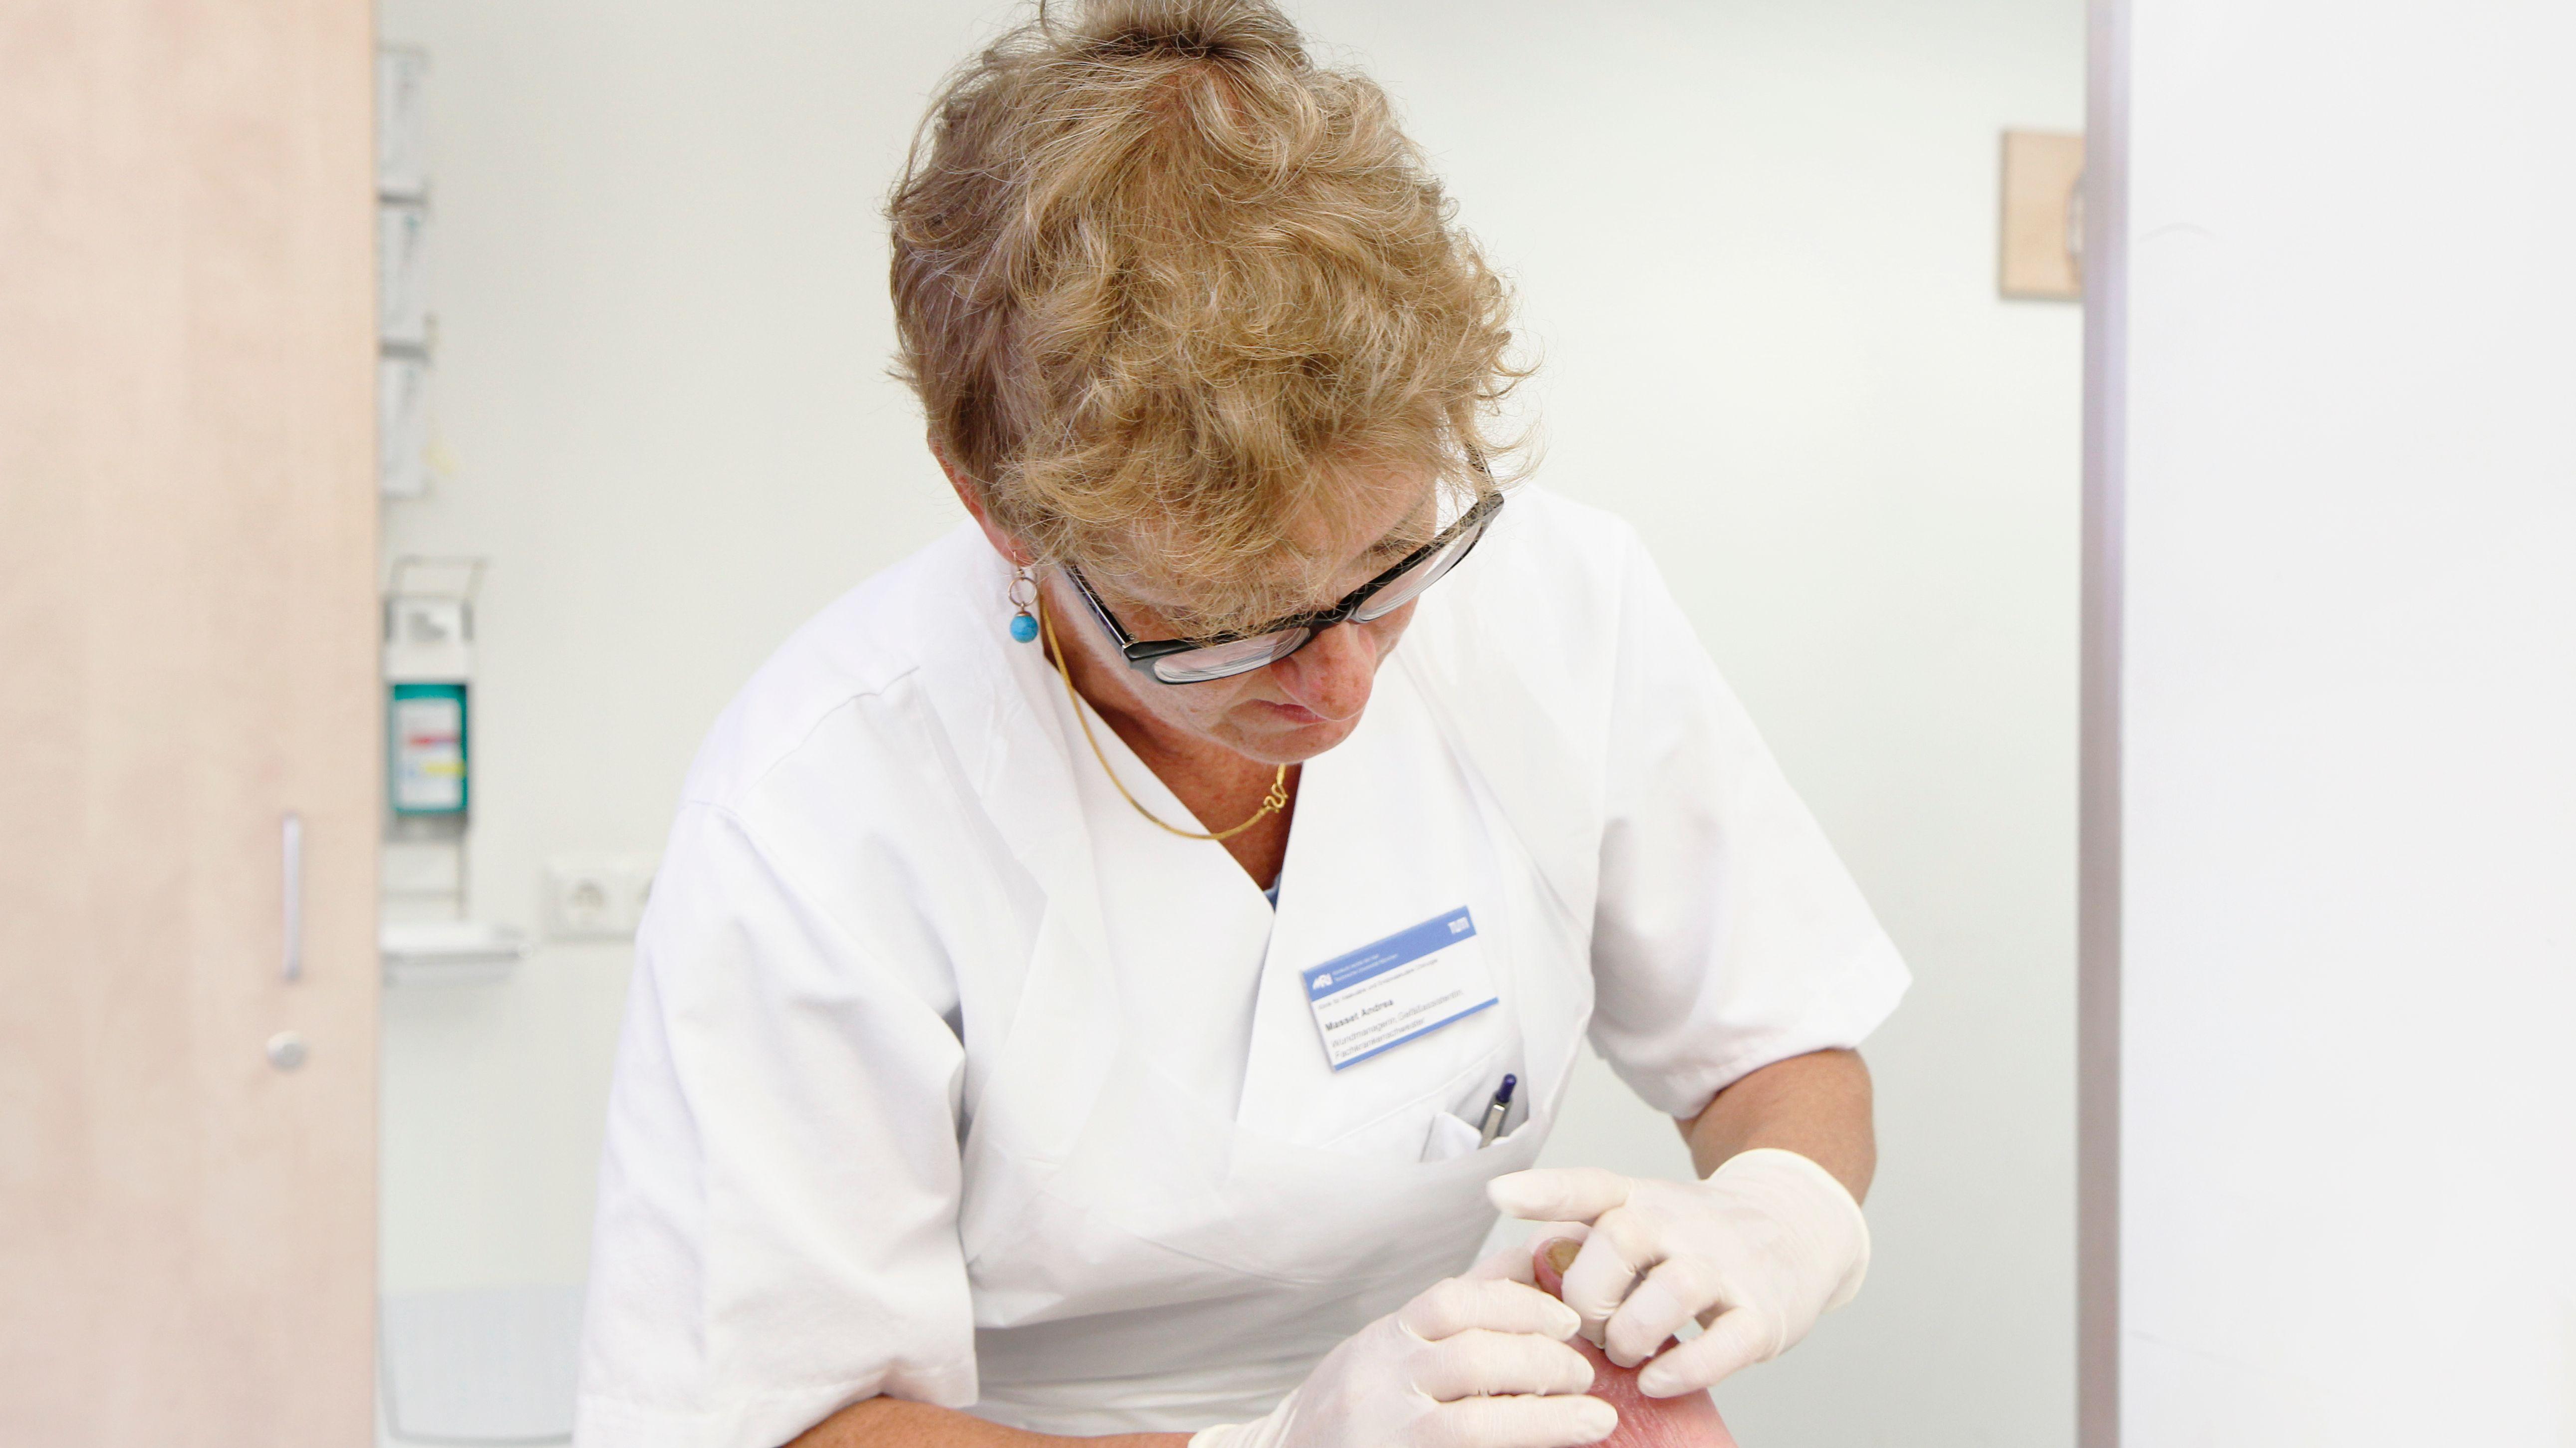 Eine Krankenschwester bei der Wundversorgung eines Patienten.